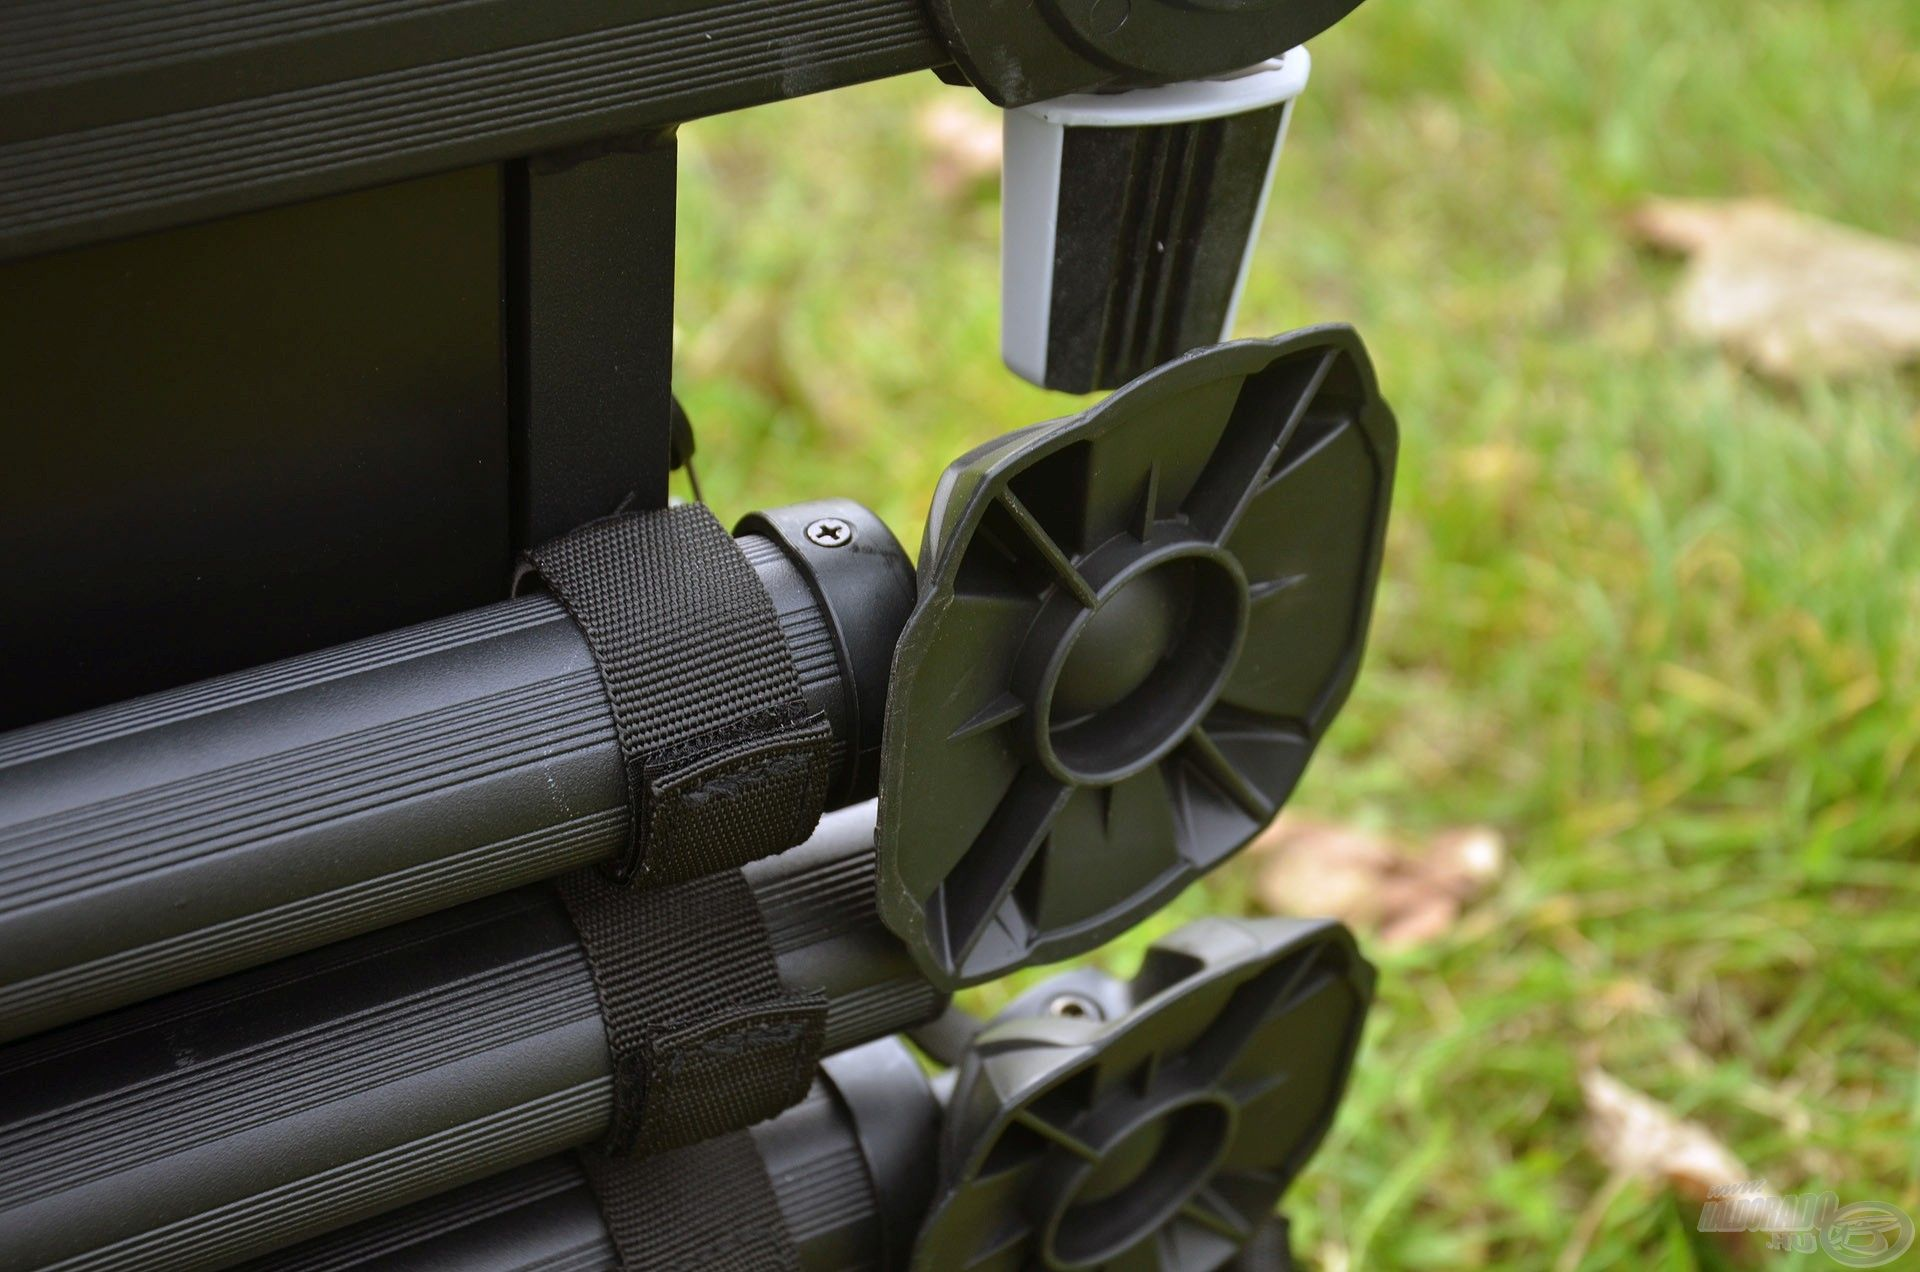 A kivehető lábak tépőzár segítségével rögzíthetők az ülőfelület alá